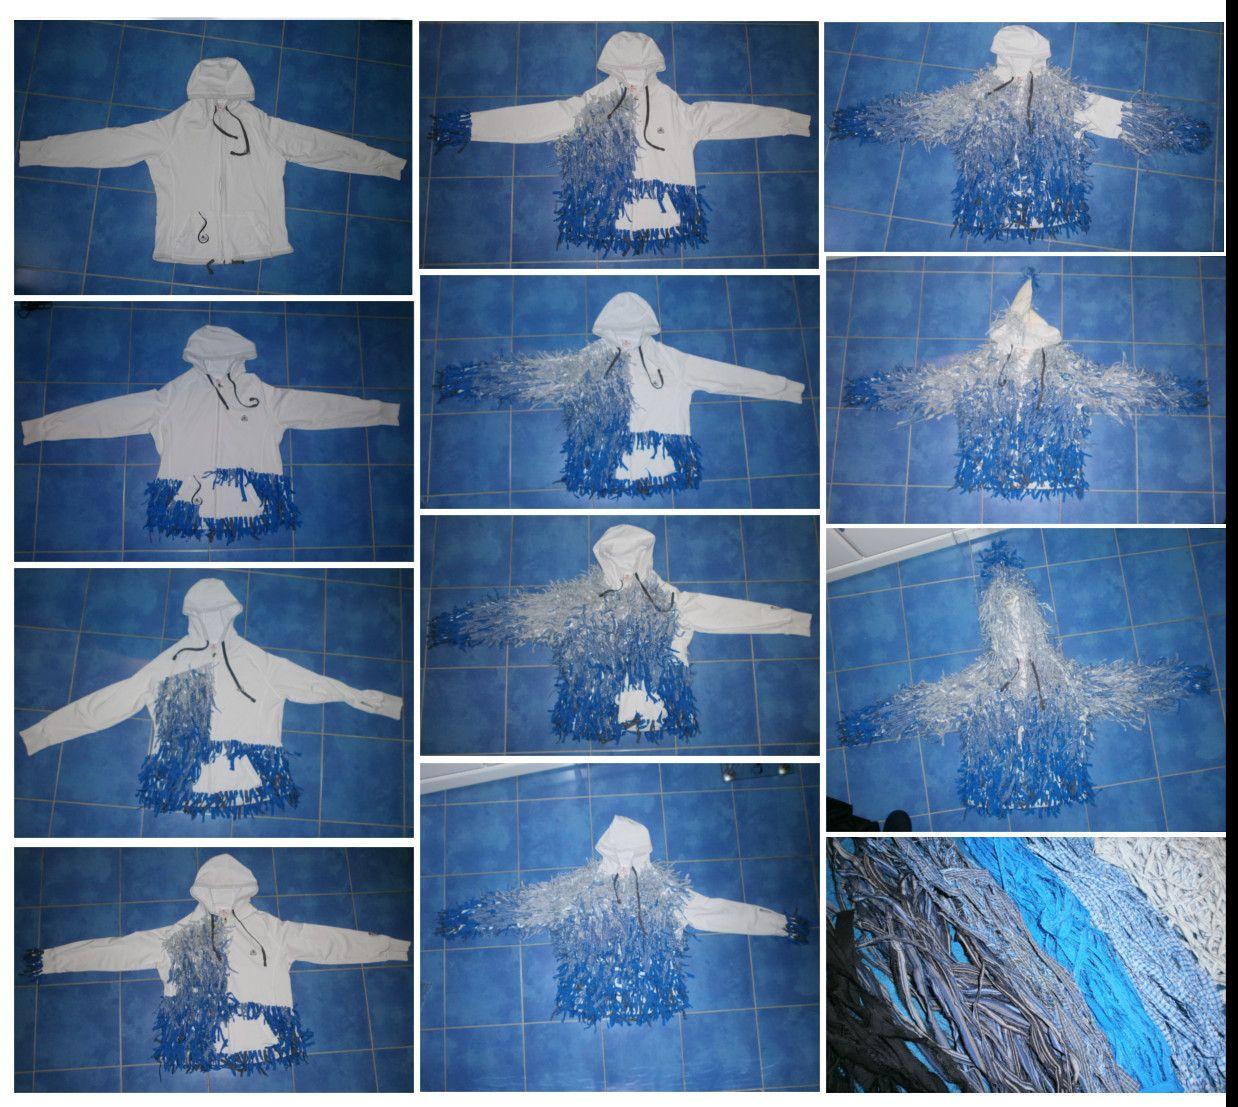 Masopust 2015 Kuřim, maska hejkal (laufer), postup šití kostýmu, bunda, modrá kombinace